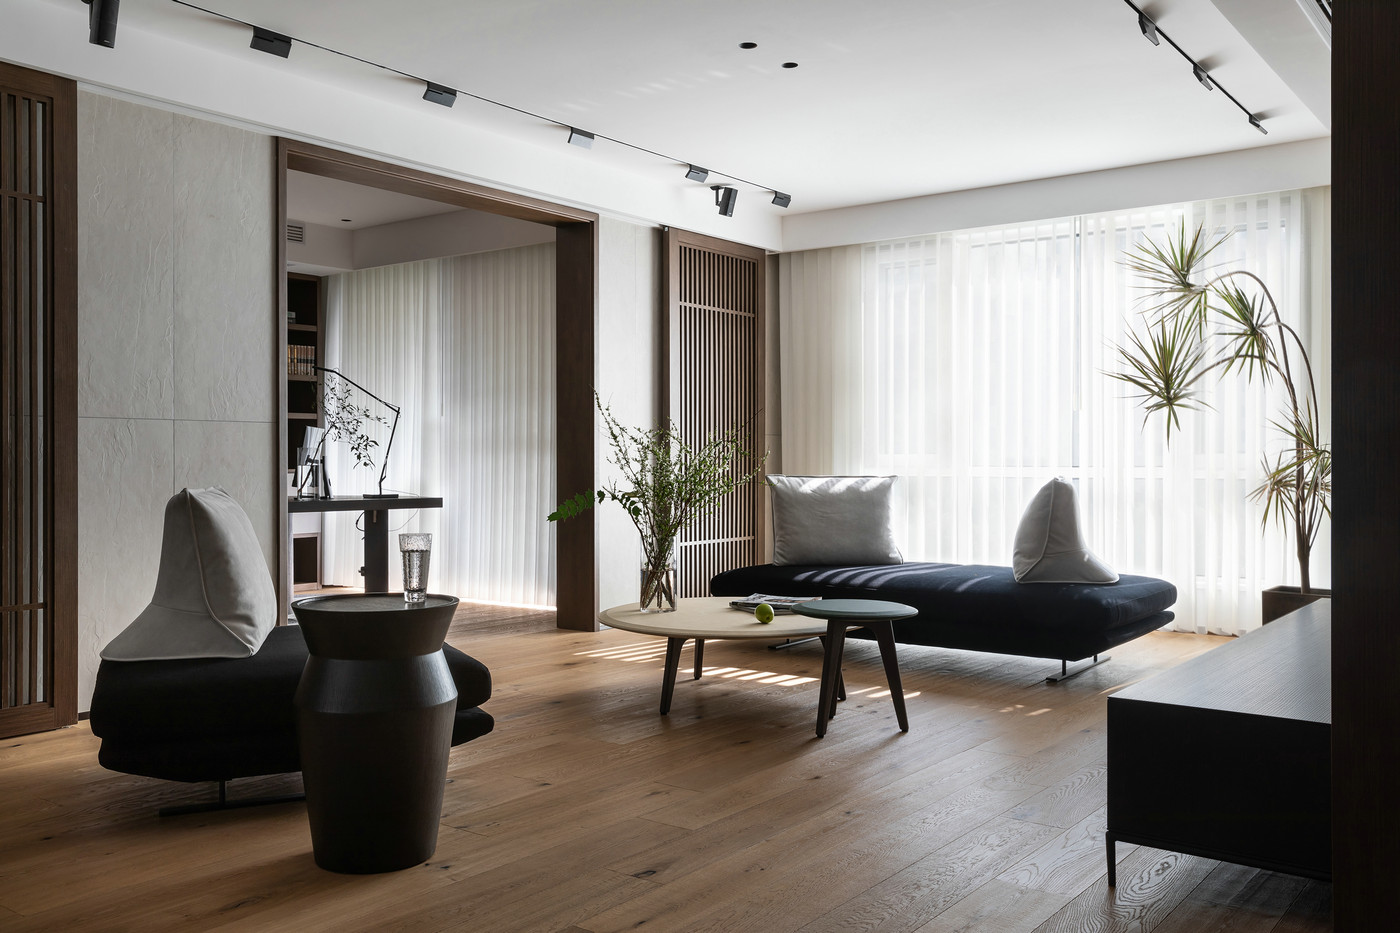 书房与客厅相连,木地板连接公共空间,自然肌理令人一见倾心。